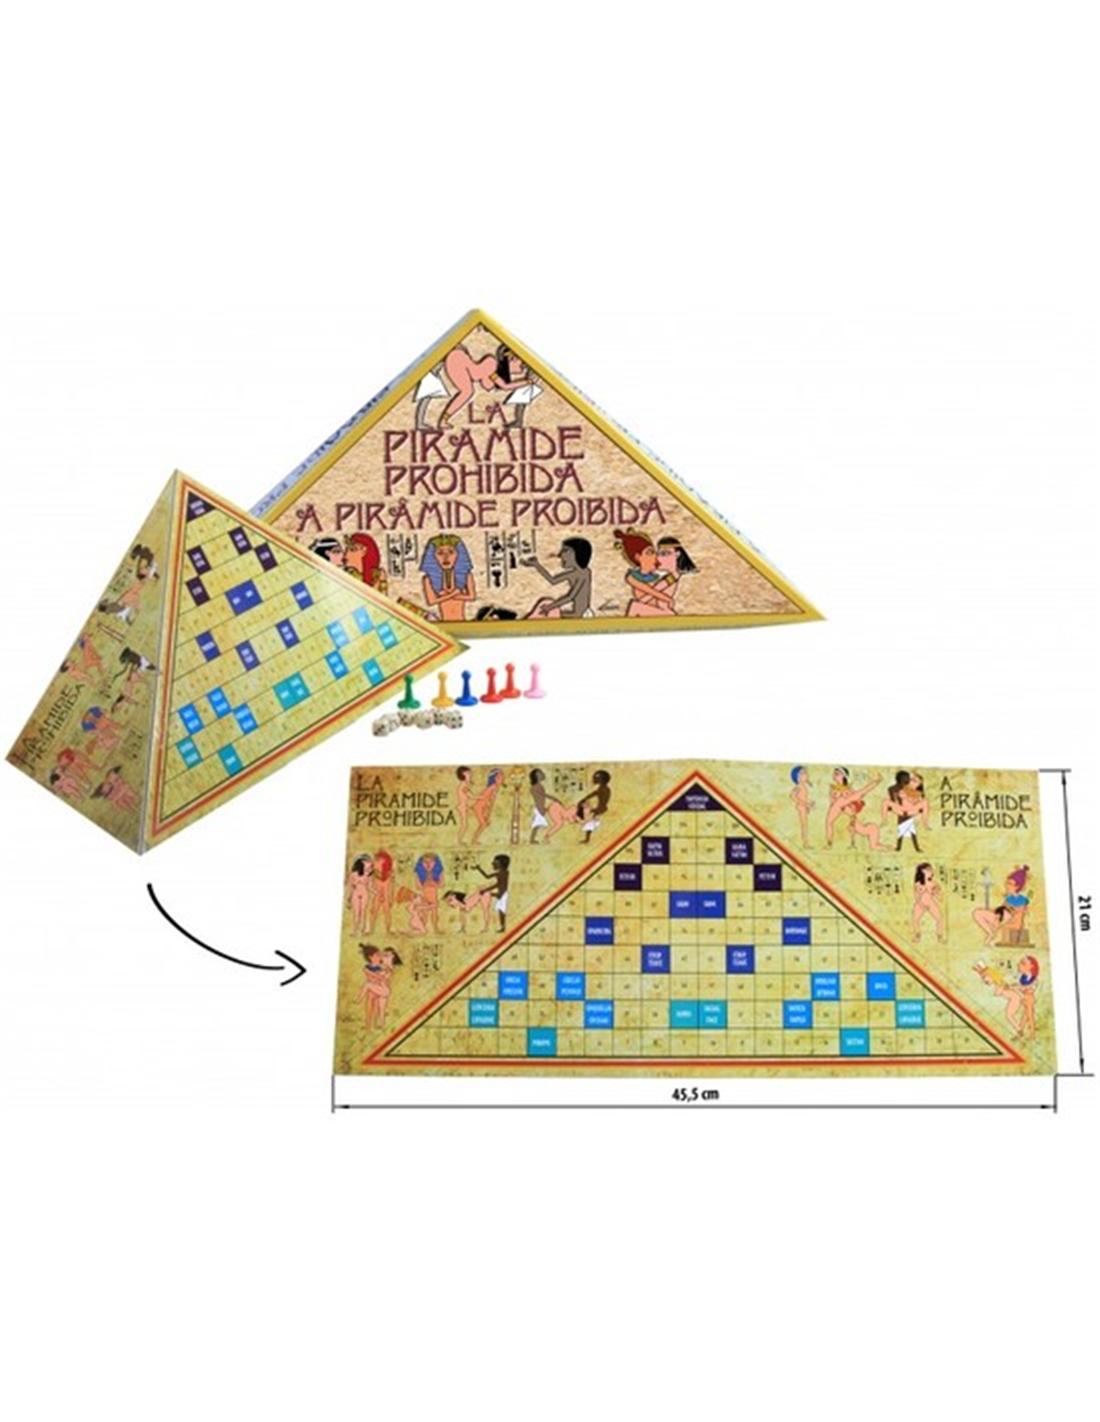 A Pirâmide Proibida - PR2010299347